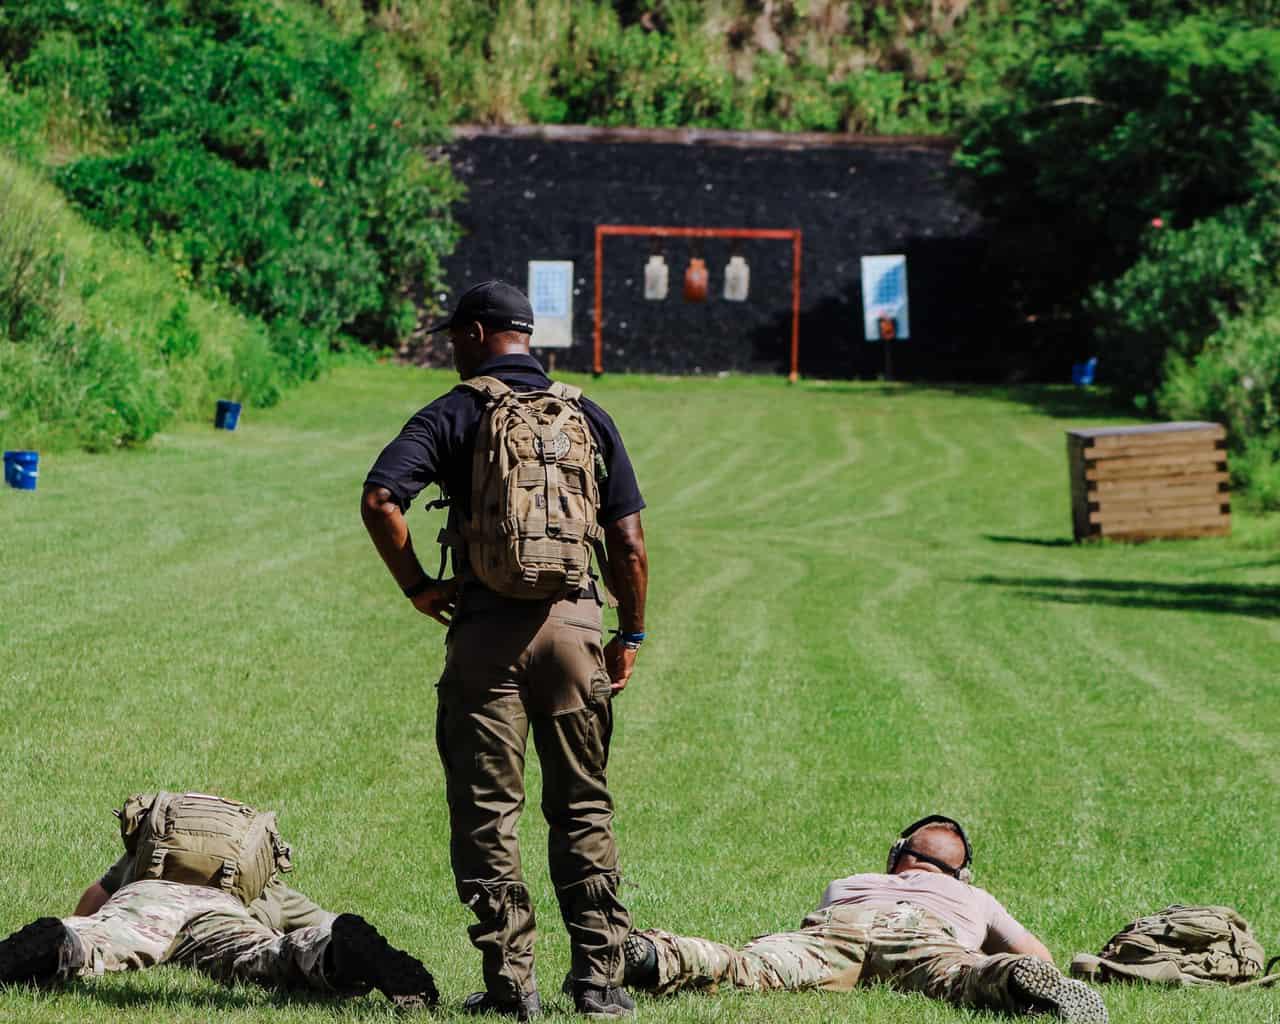 urban-sniper-response-tactics-course-8